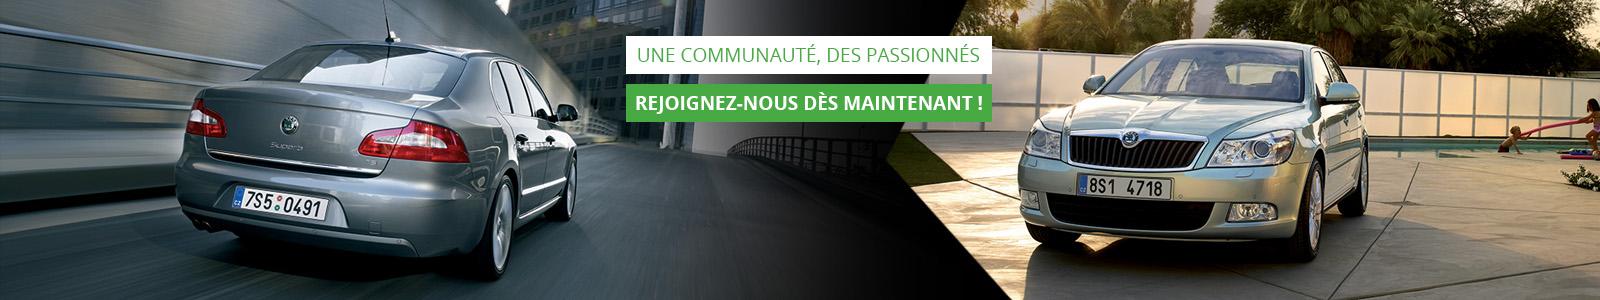 Forum-skoda.net: 100% non officiel, 100% ind�pendant, 200% passionn�s! Rejoignez nous d�s maintenant, inscrivez vous!